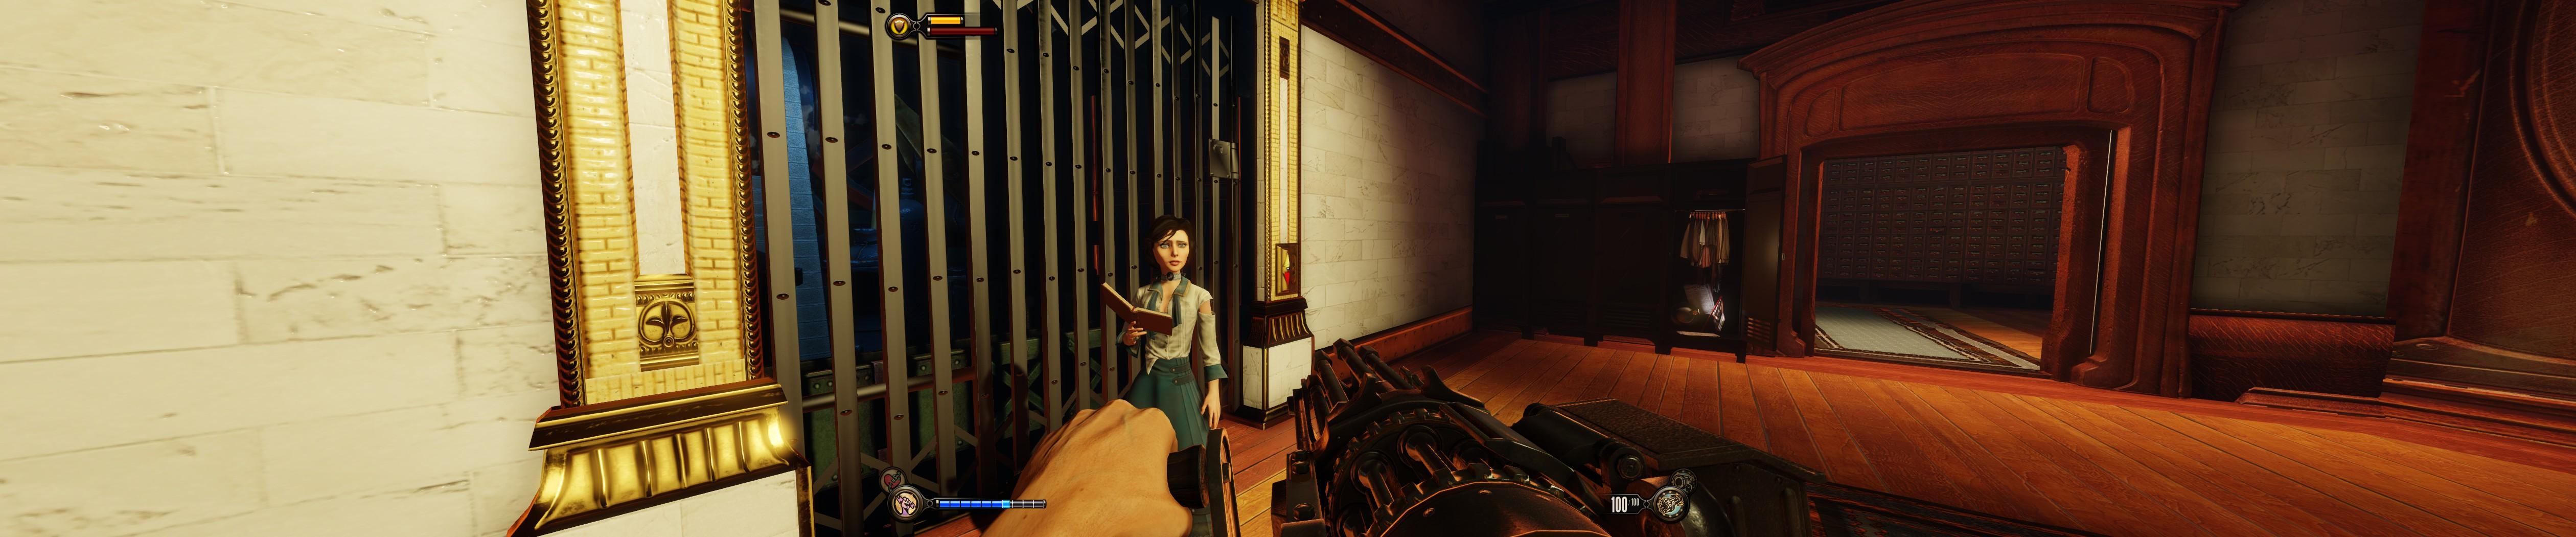 Bioshock_Infinite_2013-05-14_00009